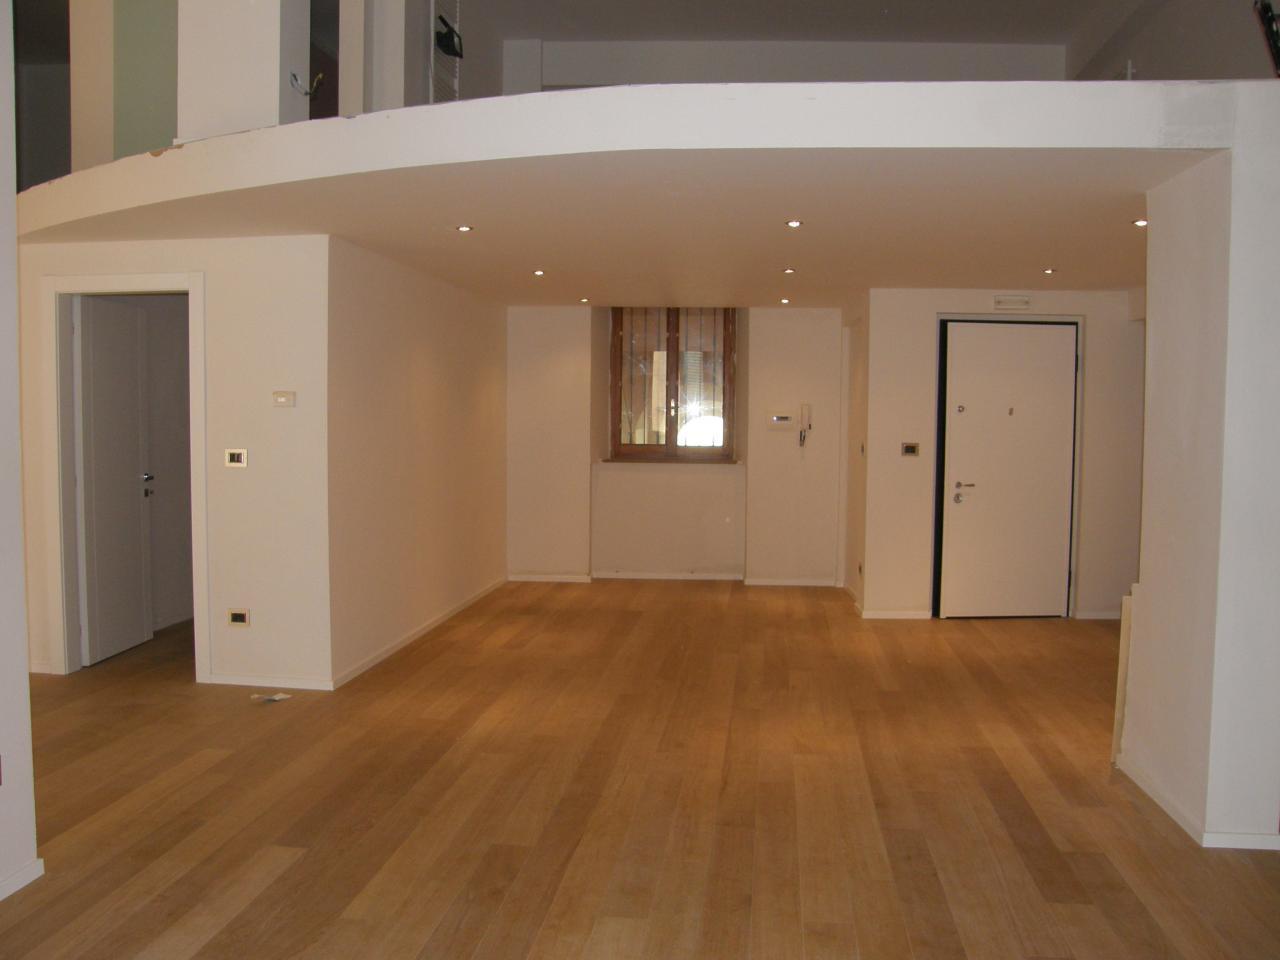 Appartamento in vendita a Ascoli Piceno, 8 locali, prezzo € 520.000 | Cambio Casa.it